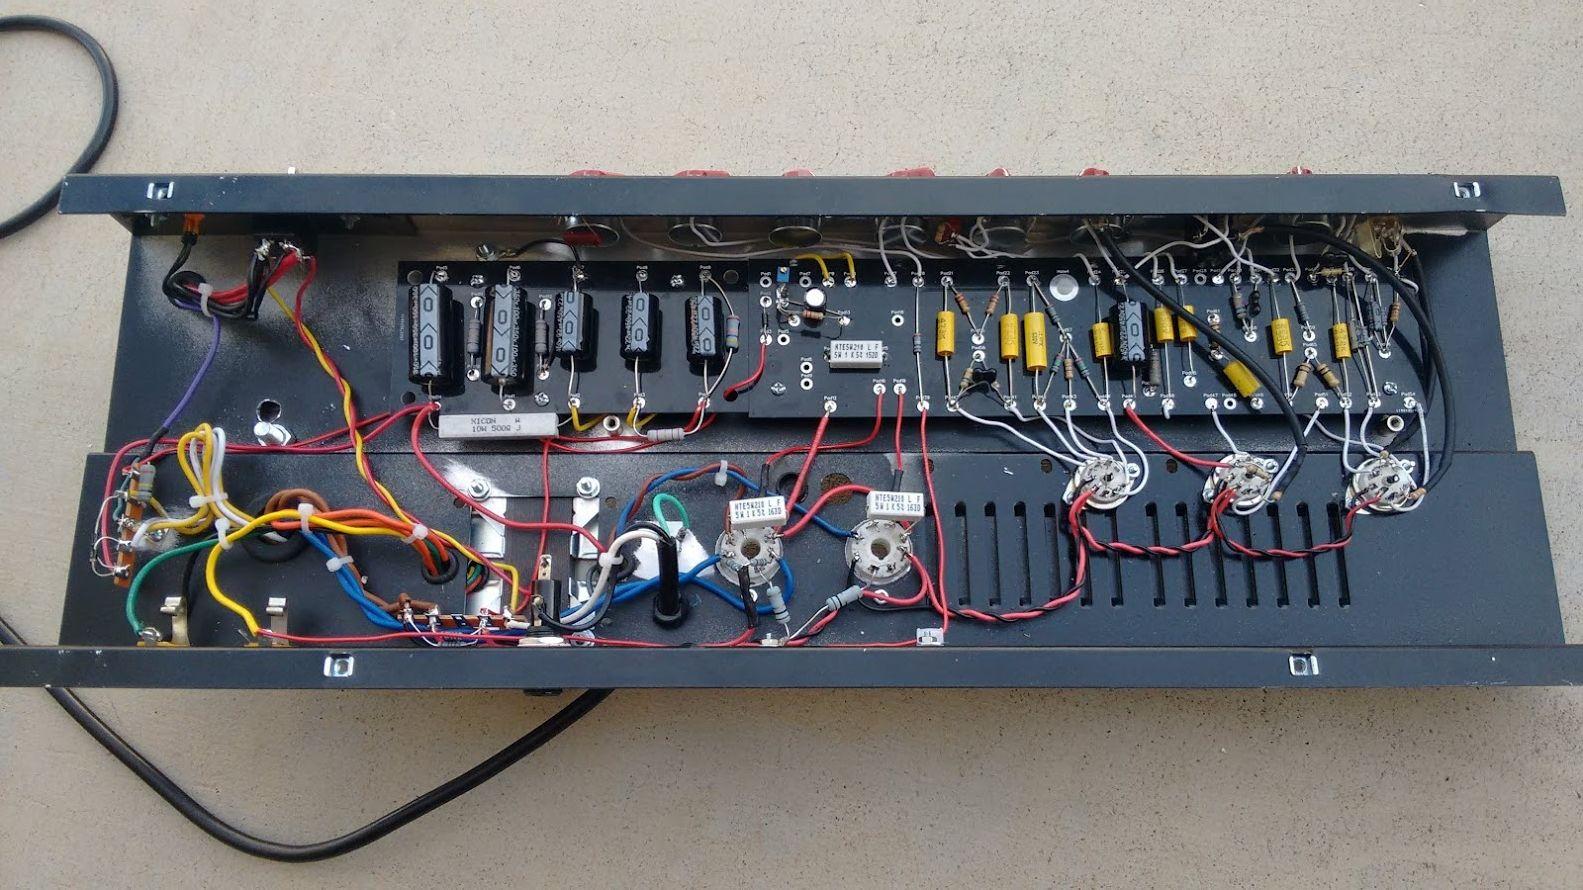 the nervosa dvnator 39 s amp projects. Black Bedroom Furniture Sets. Home Design Ideas